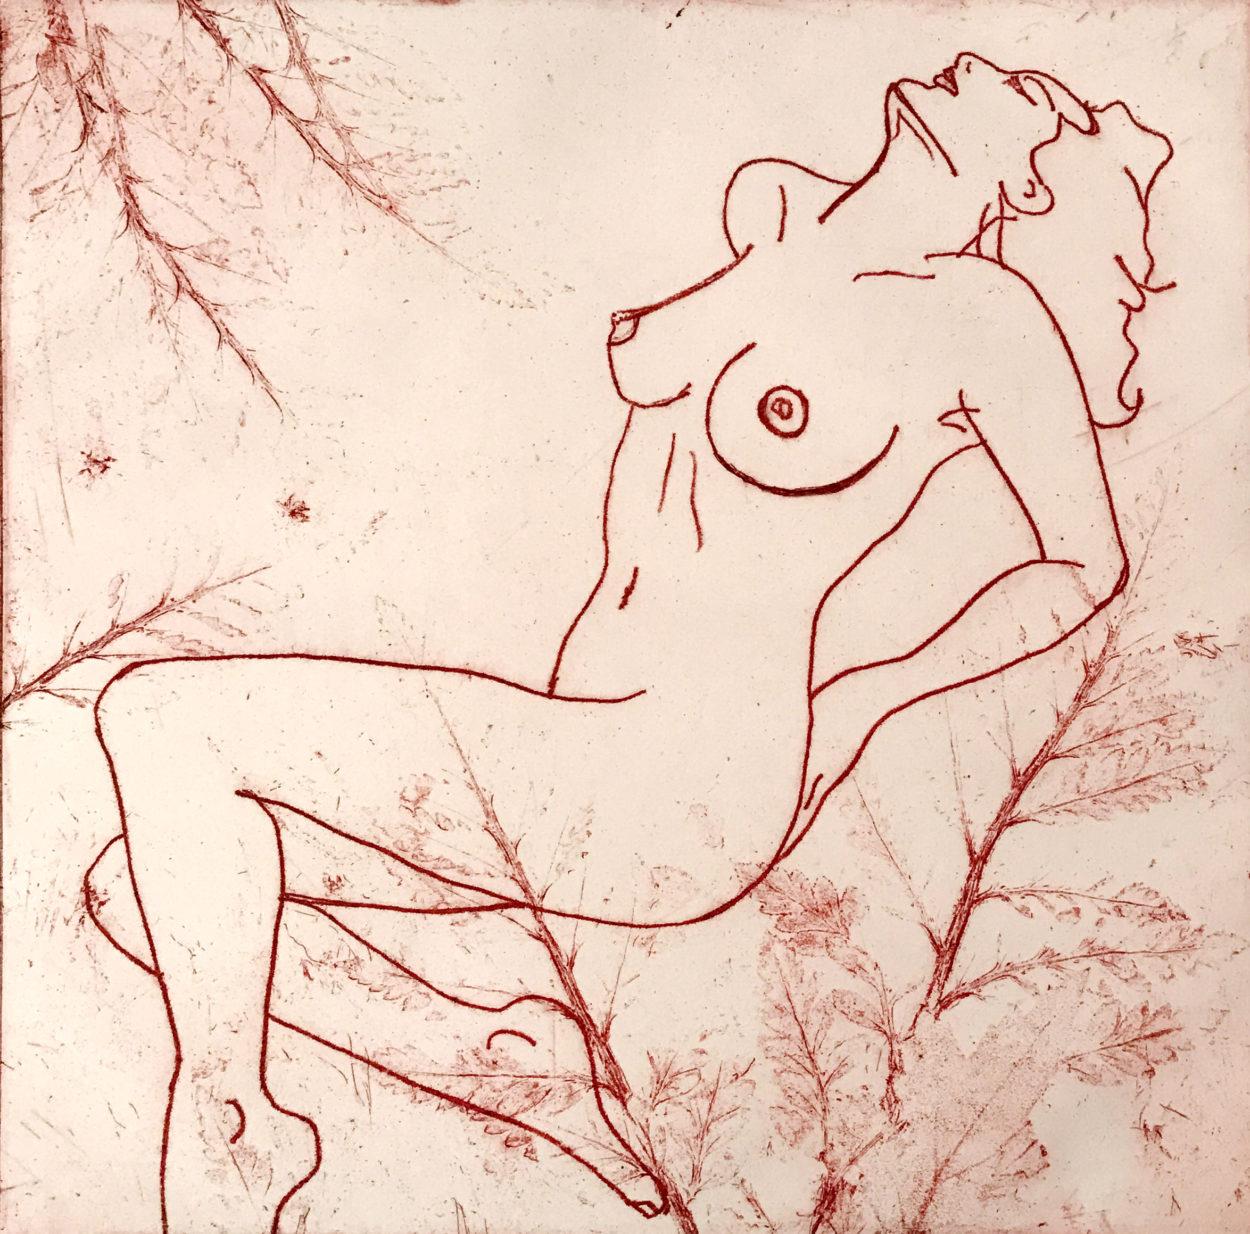 Indira-Cesarine-Girl-in-Red-state-2.jpg